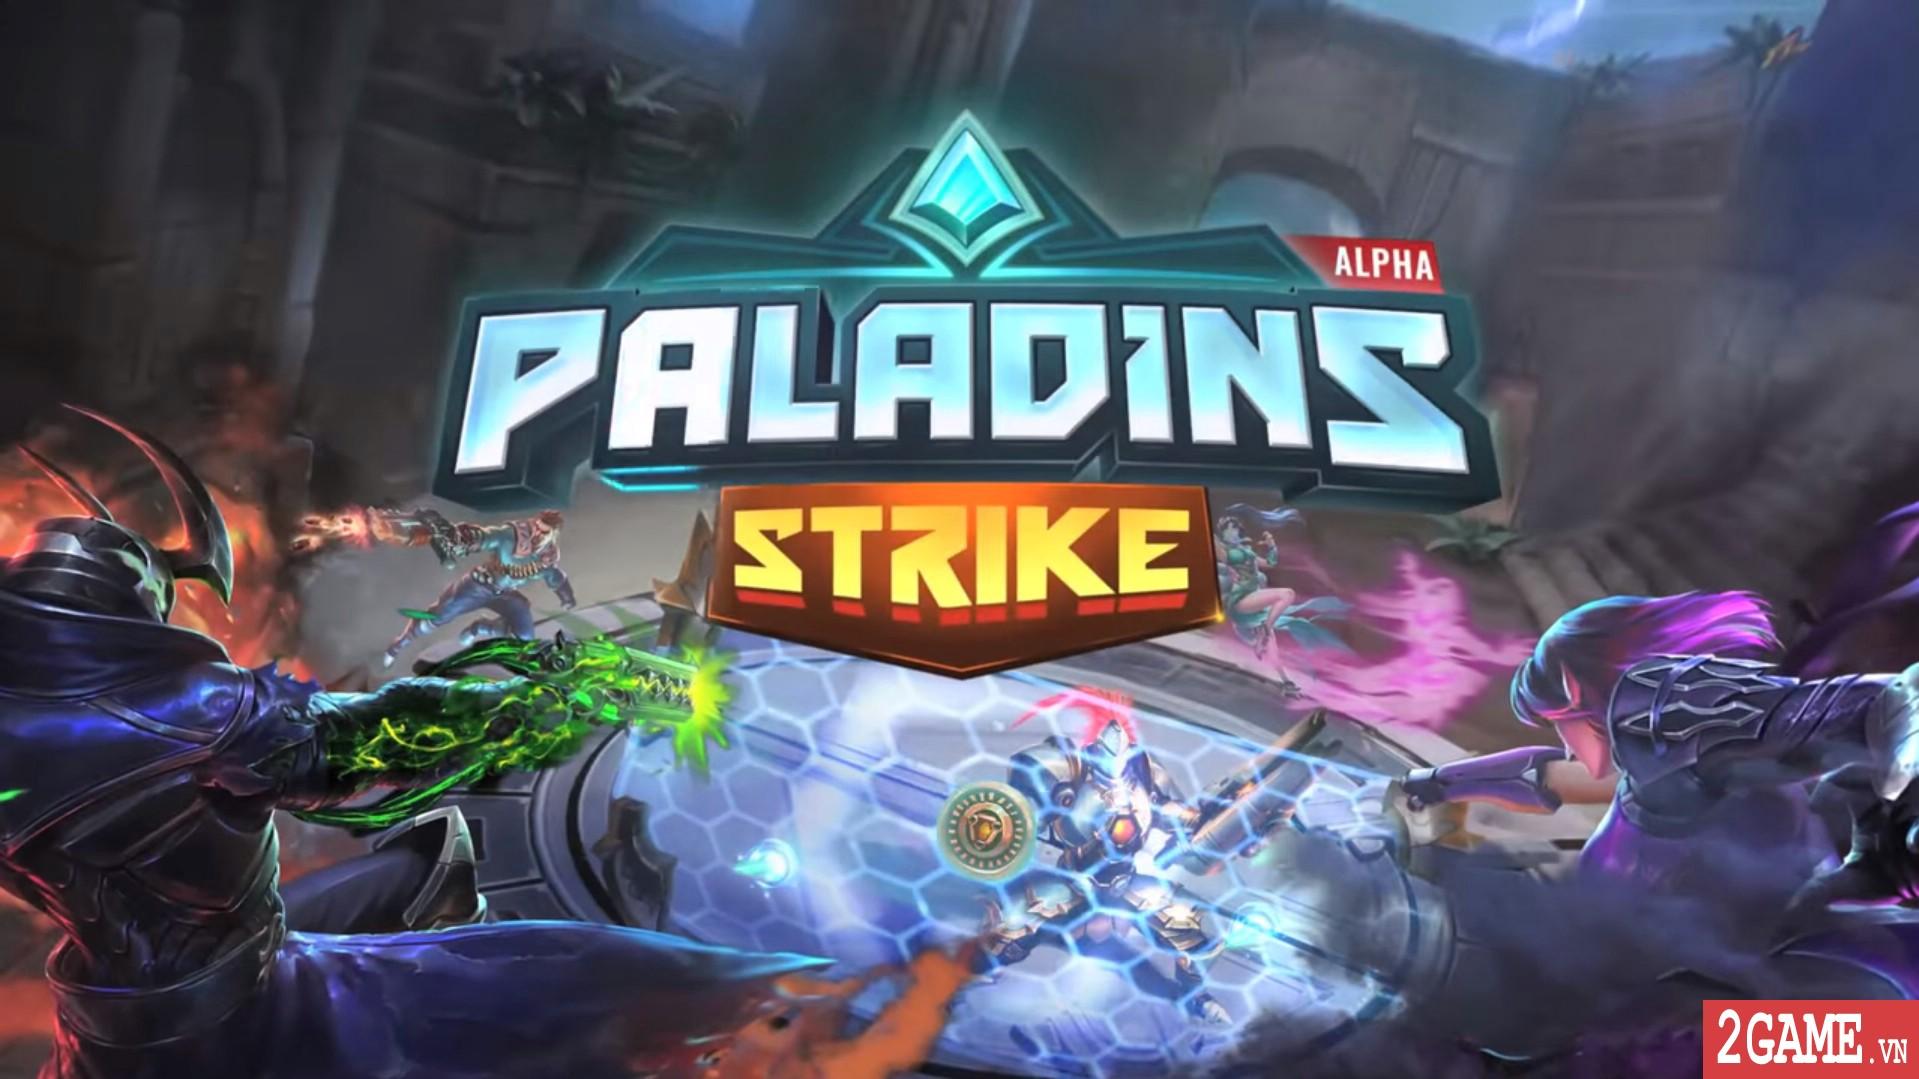 Paladins Strike – Phiên bản MOBA của tượng đài game bắn súng thế hệ mới trên PC đã lộ diện 1